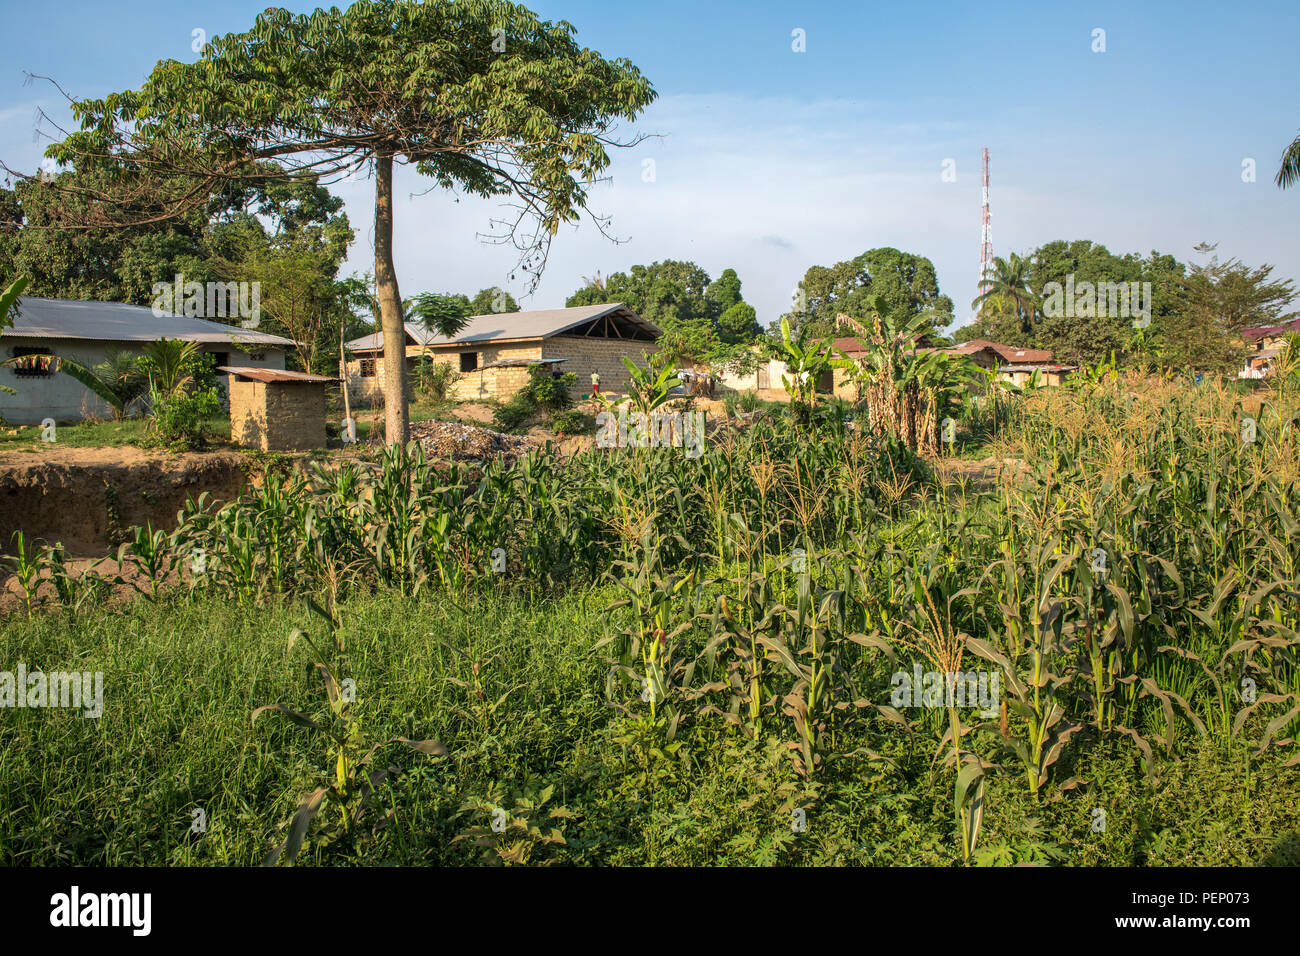 A farm in Ganta, Liberia - Stock Image